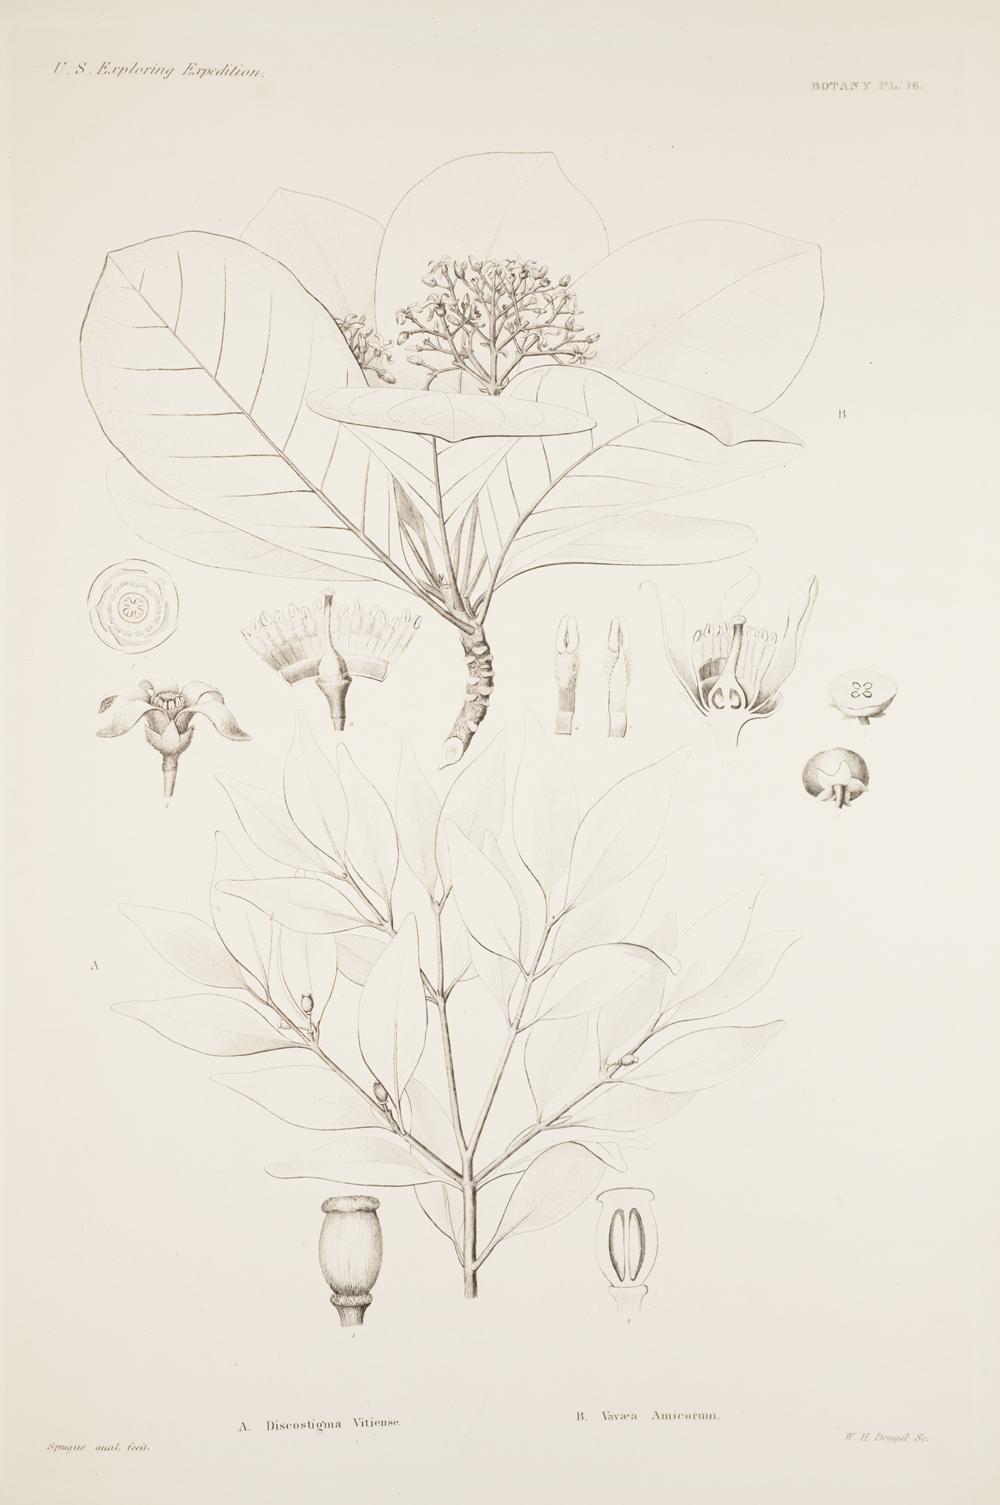 Botany, Pl. 16,  Image number:sil19-23-043b